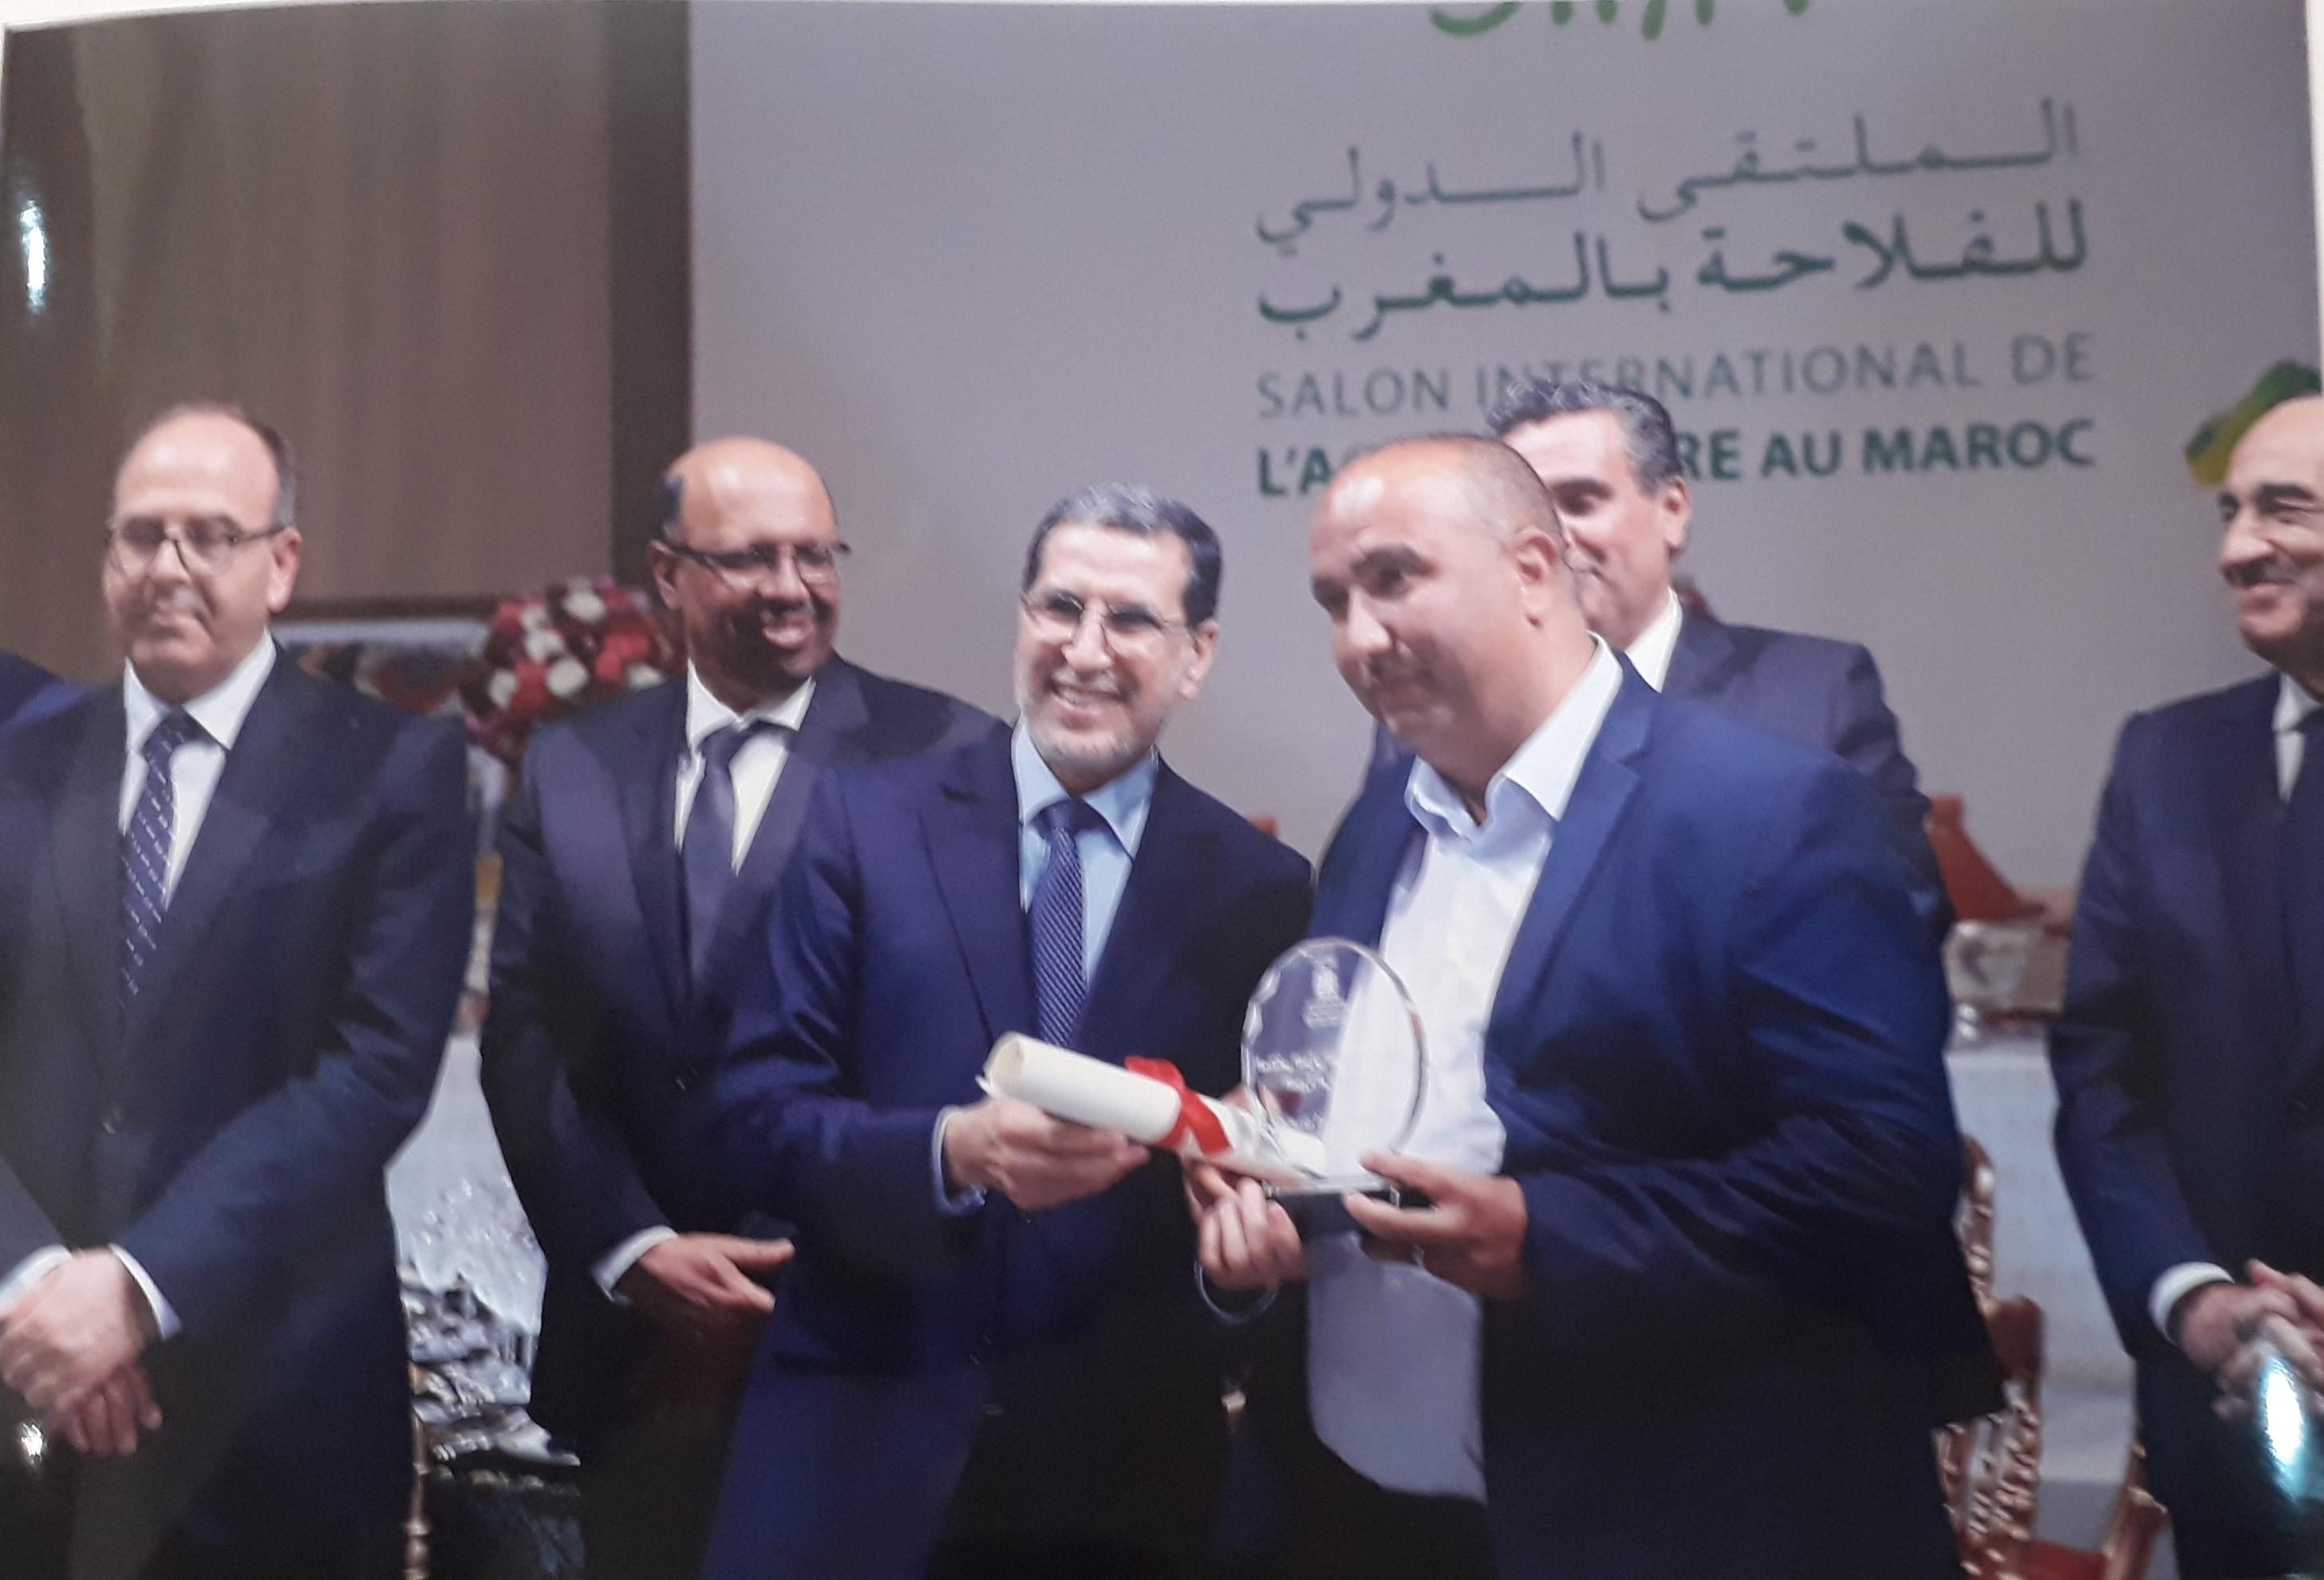 Photo of يوميات مساهمة جهة مراكش أسفي في المعرض الدولي للفلاحة بمكناس